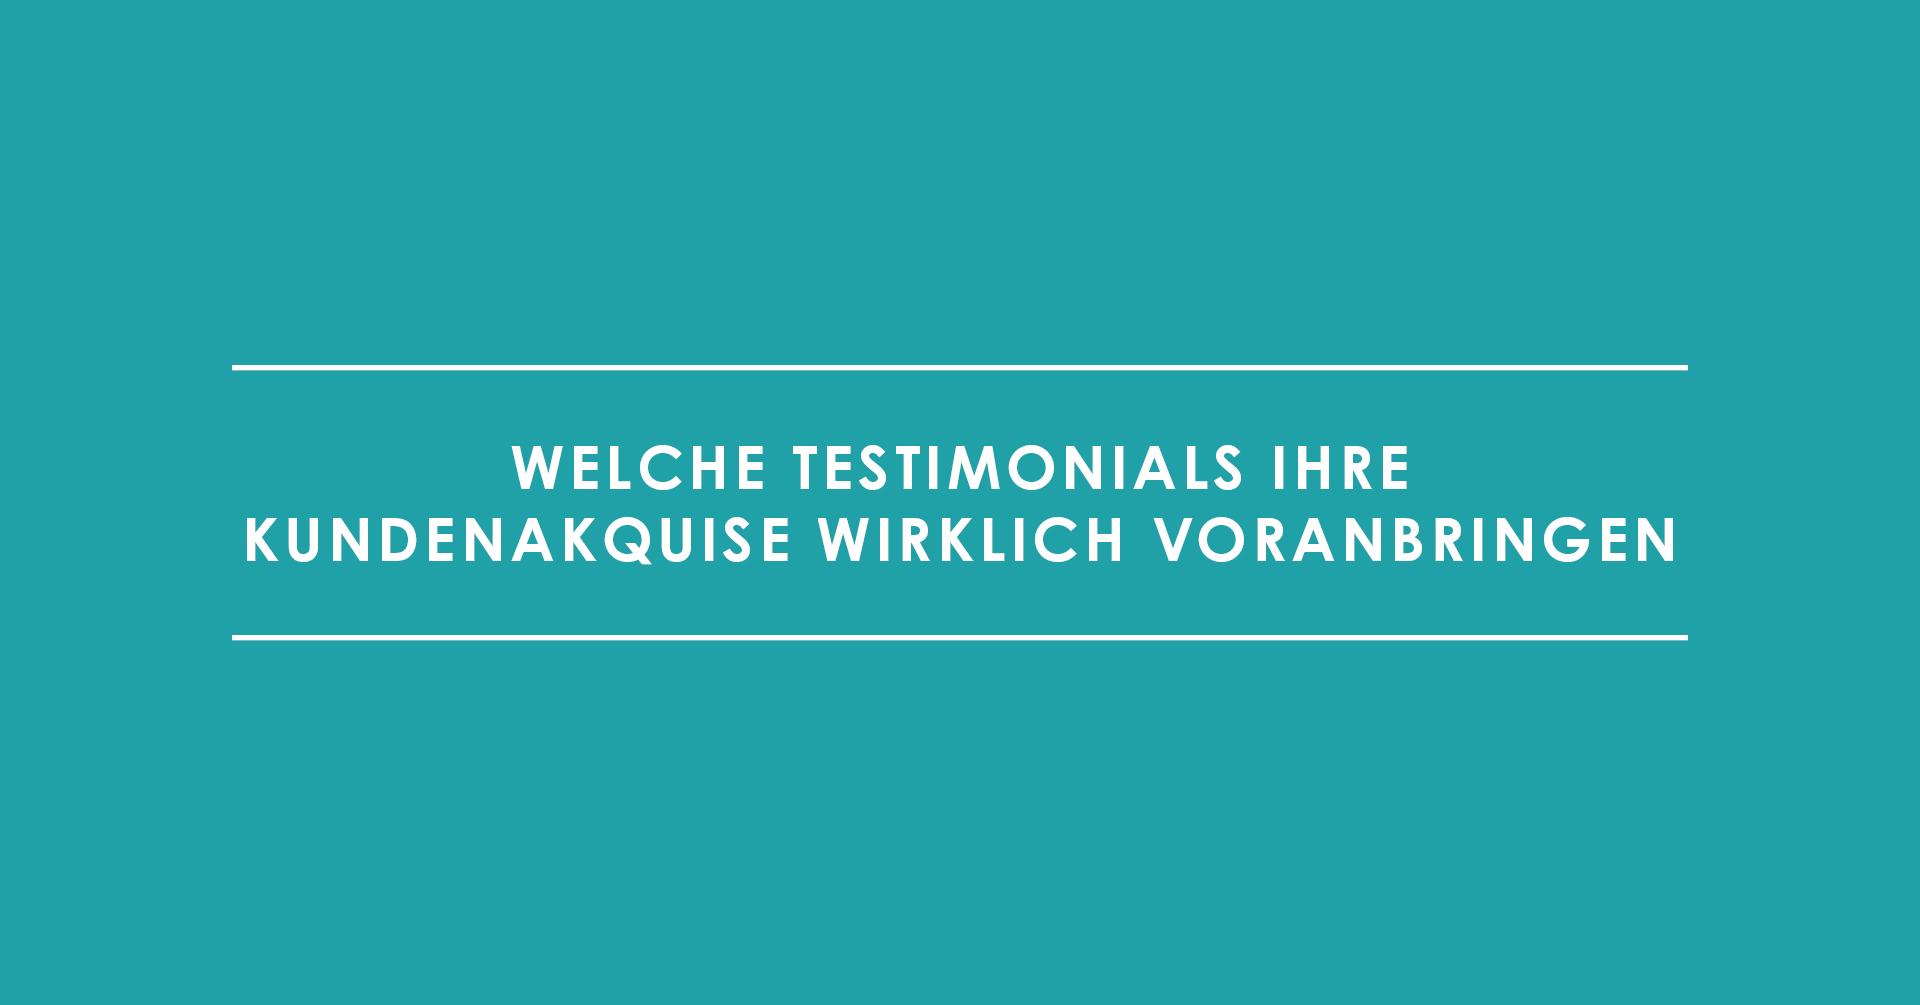 Welche Testimonials Ihre Kundenakquise wirklich voranbringen